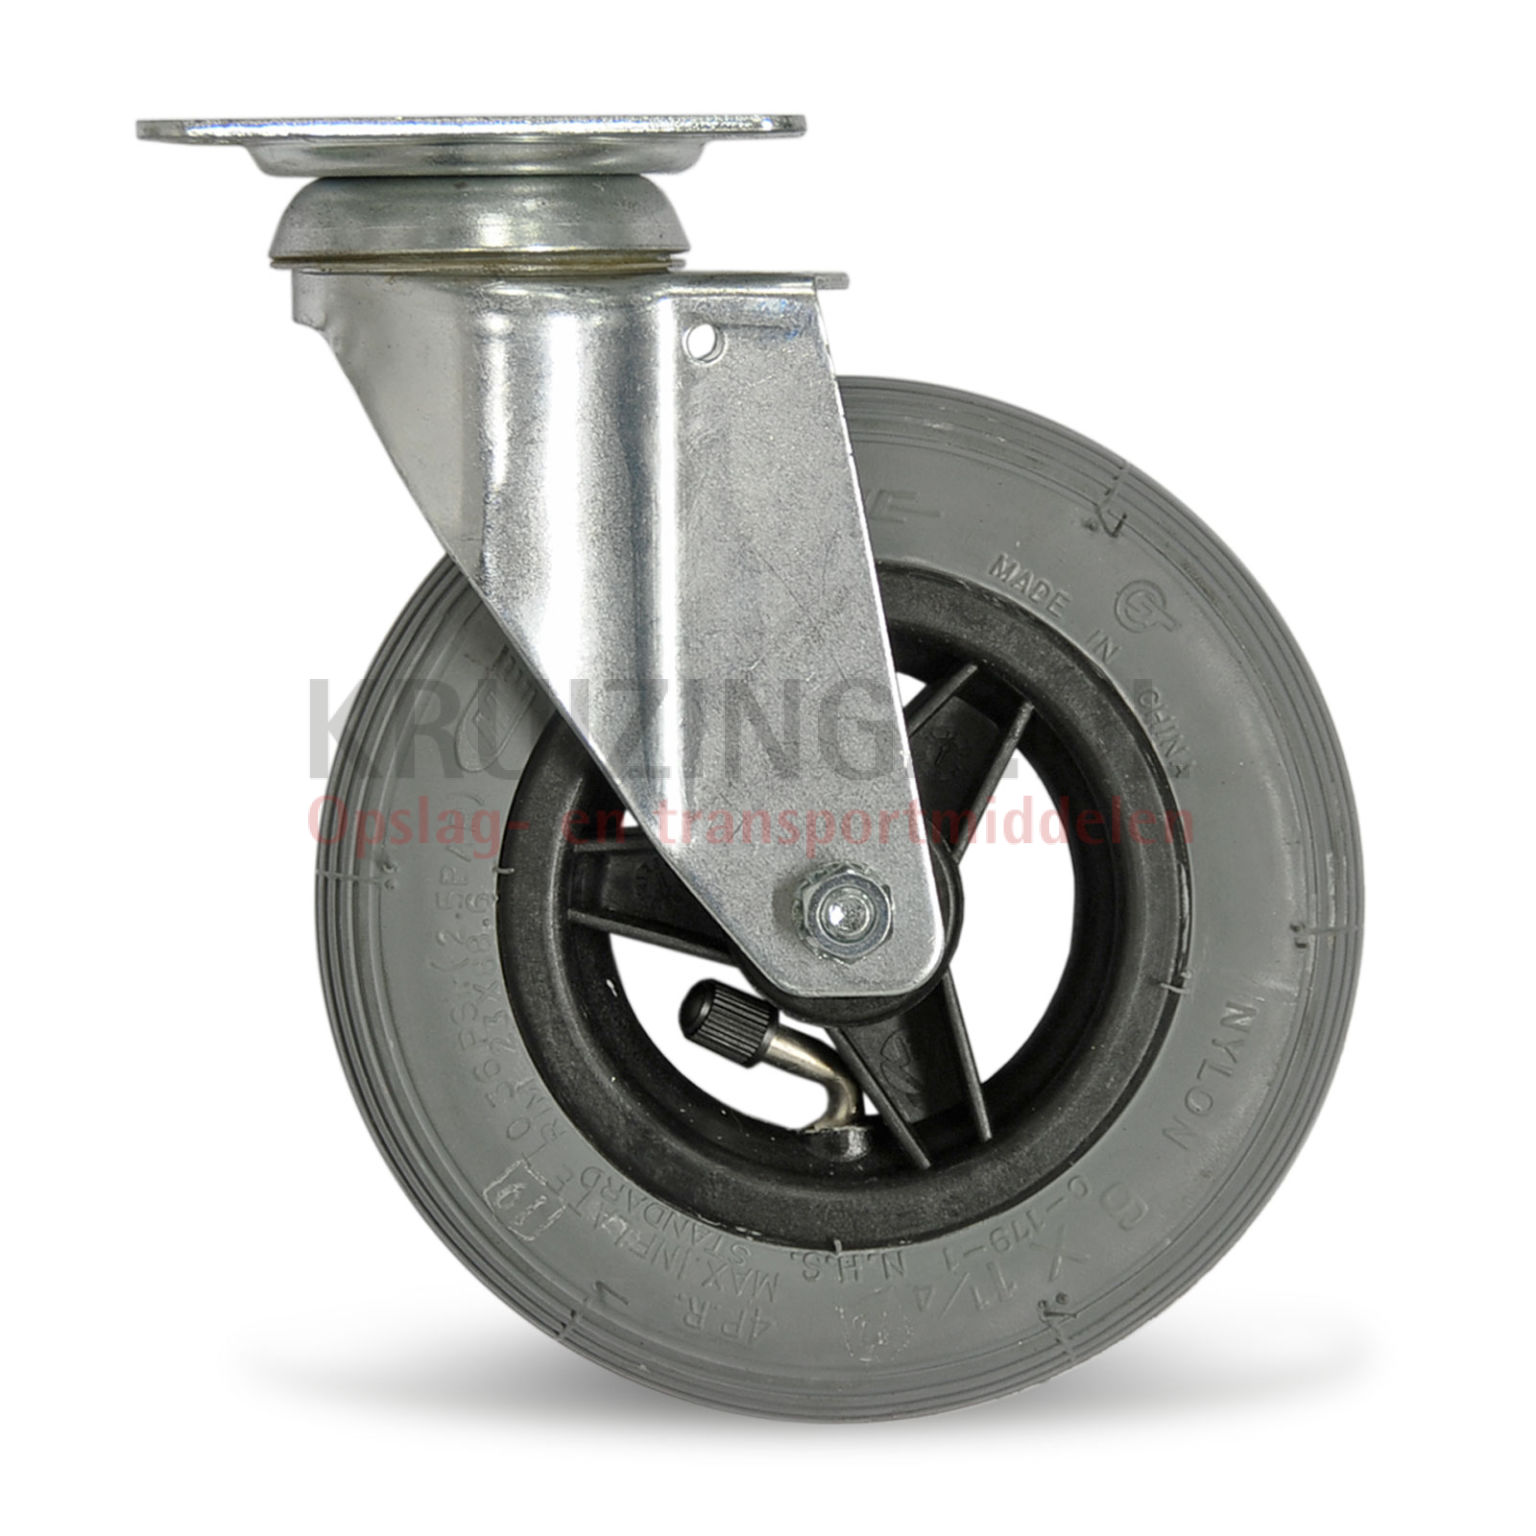 Roue Pivotante : roue roues pivotante 150 mm 29 65 frais de livraison inclus ~ Gottalentnigeria.com Avis de Voitures